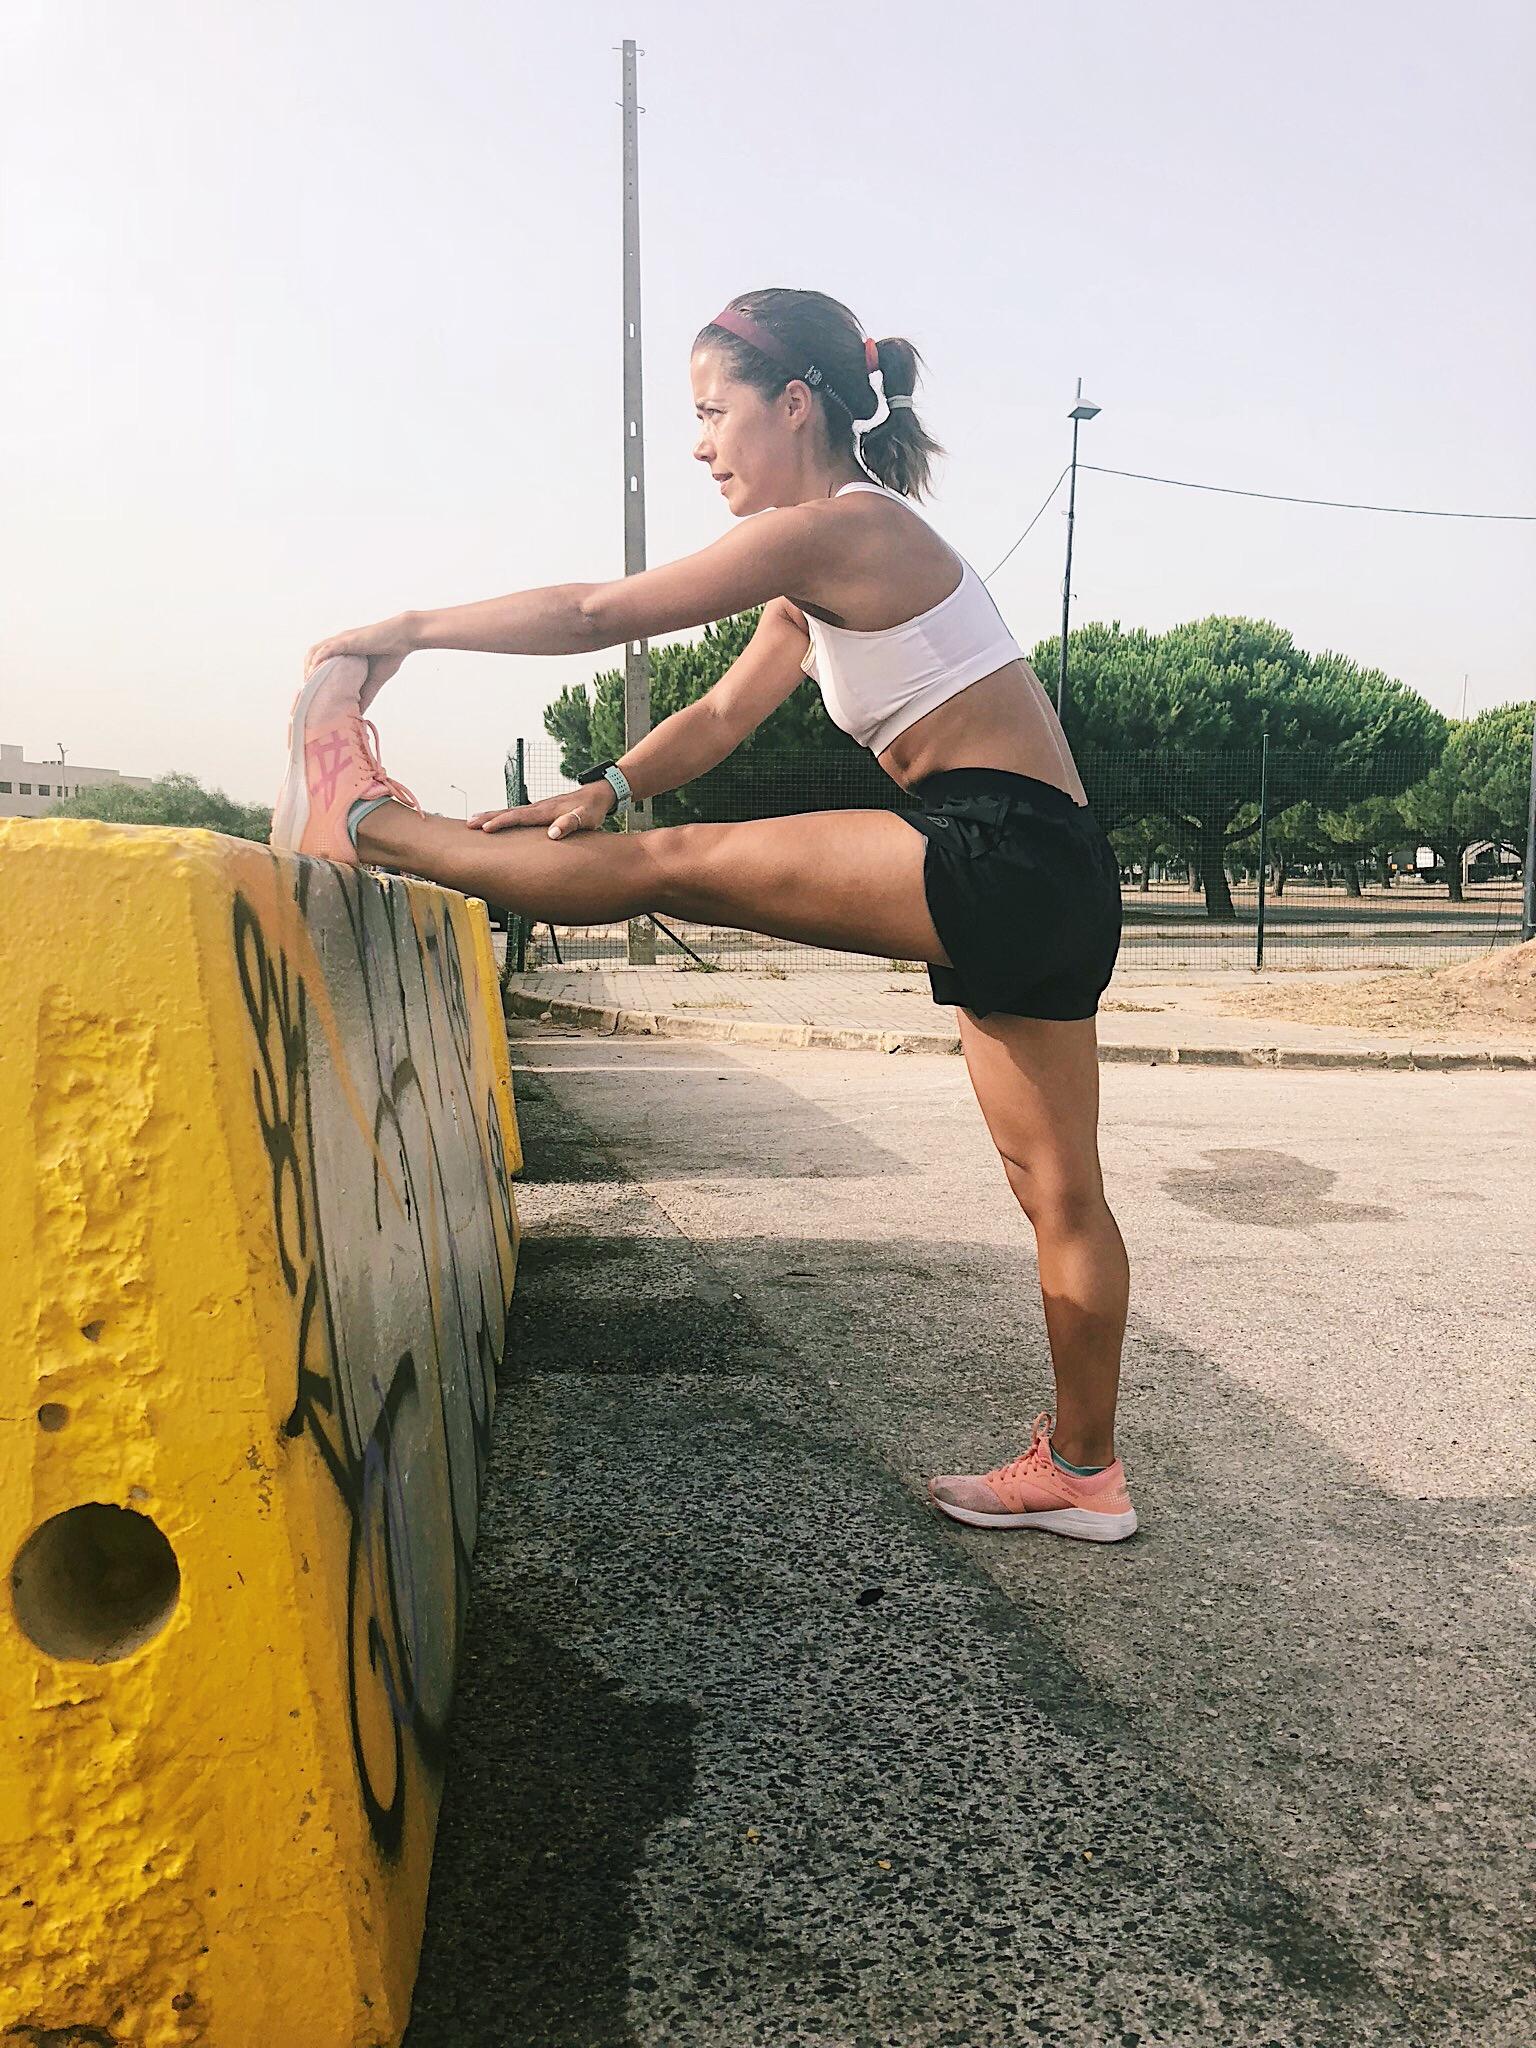 Alongamento de isquiotibiais e bicípite femoral. O objetivo é promover a extensão máxima do joelho sem provocar dor desconfortável. Se tiver flexibilidade suficiente, procure agarrar a ponta do pé para também alongar os gémeos. -